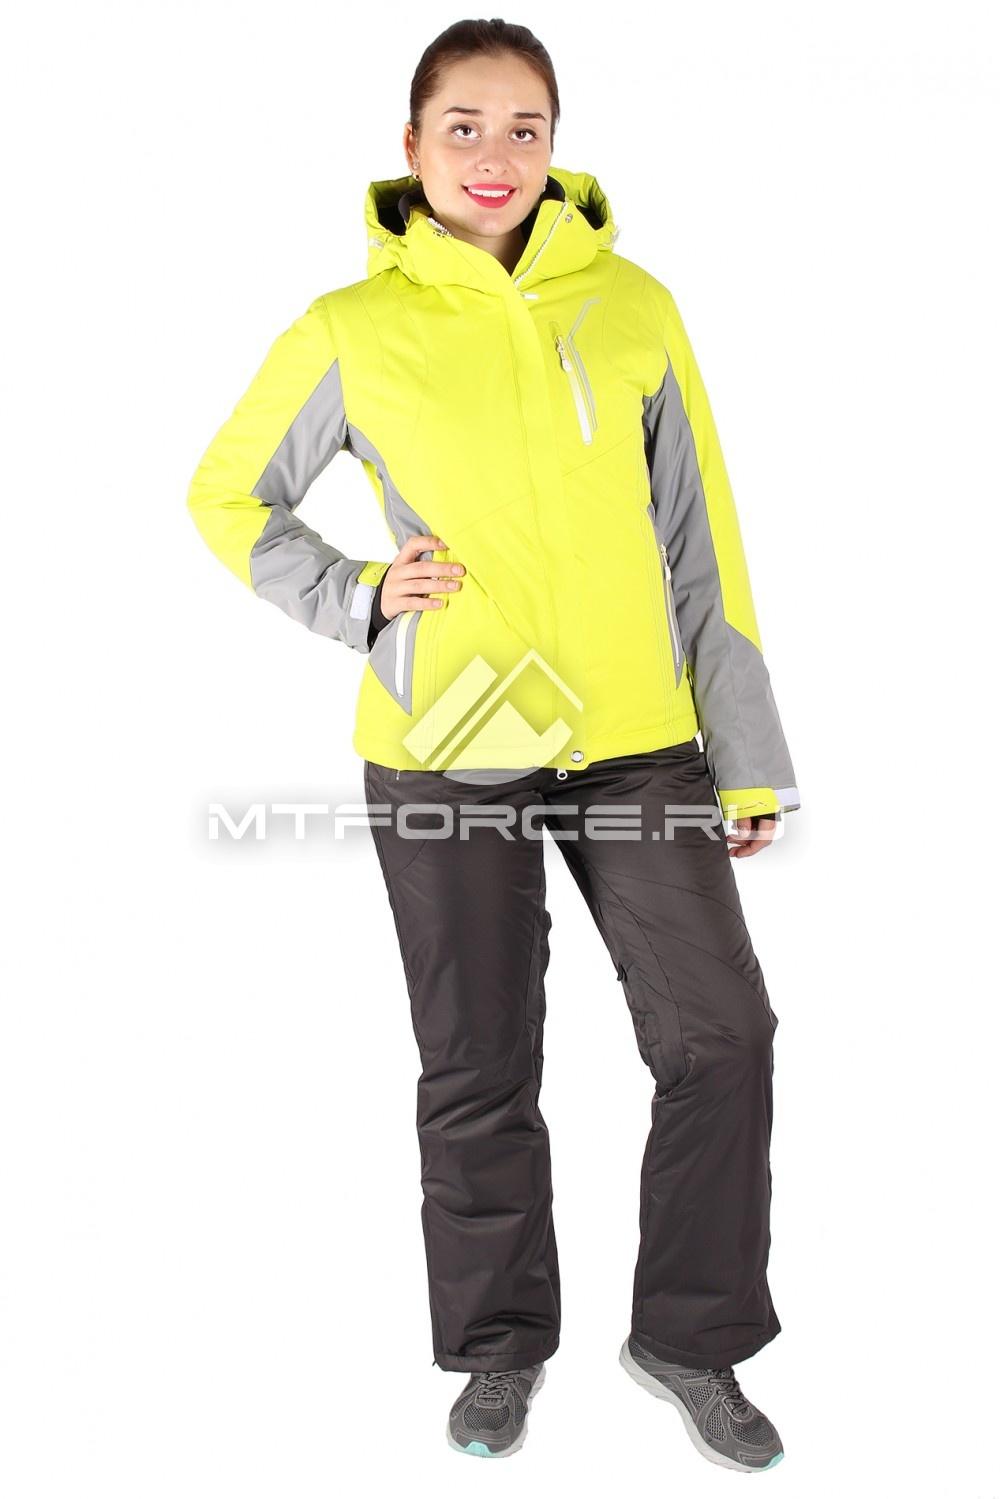 Купить                                  оптом Костюм горнолыжный женский желтого цвета 01517J